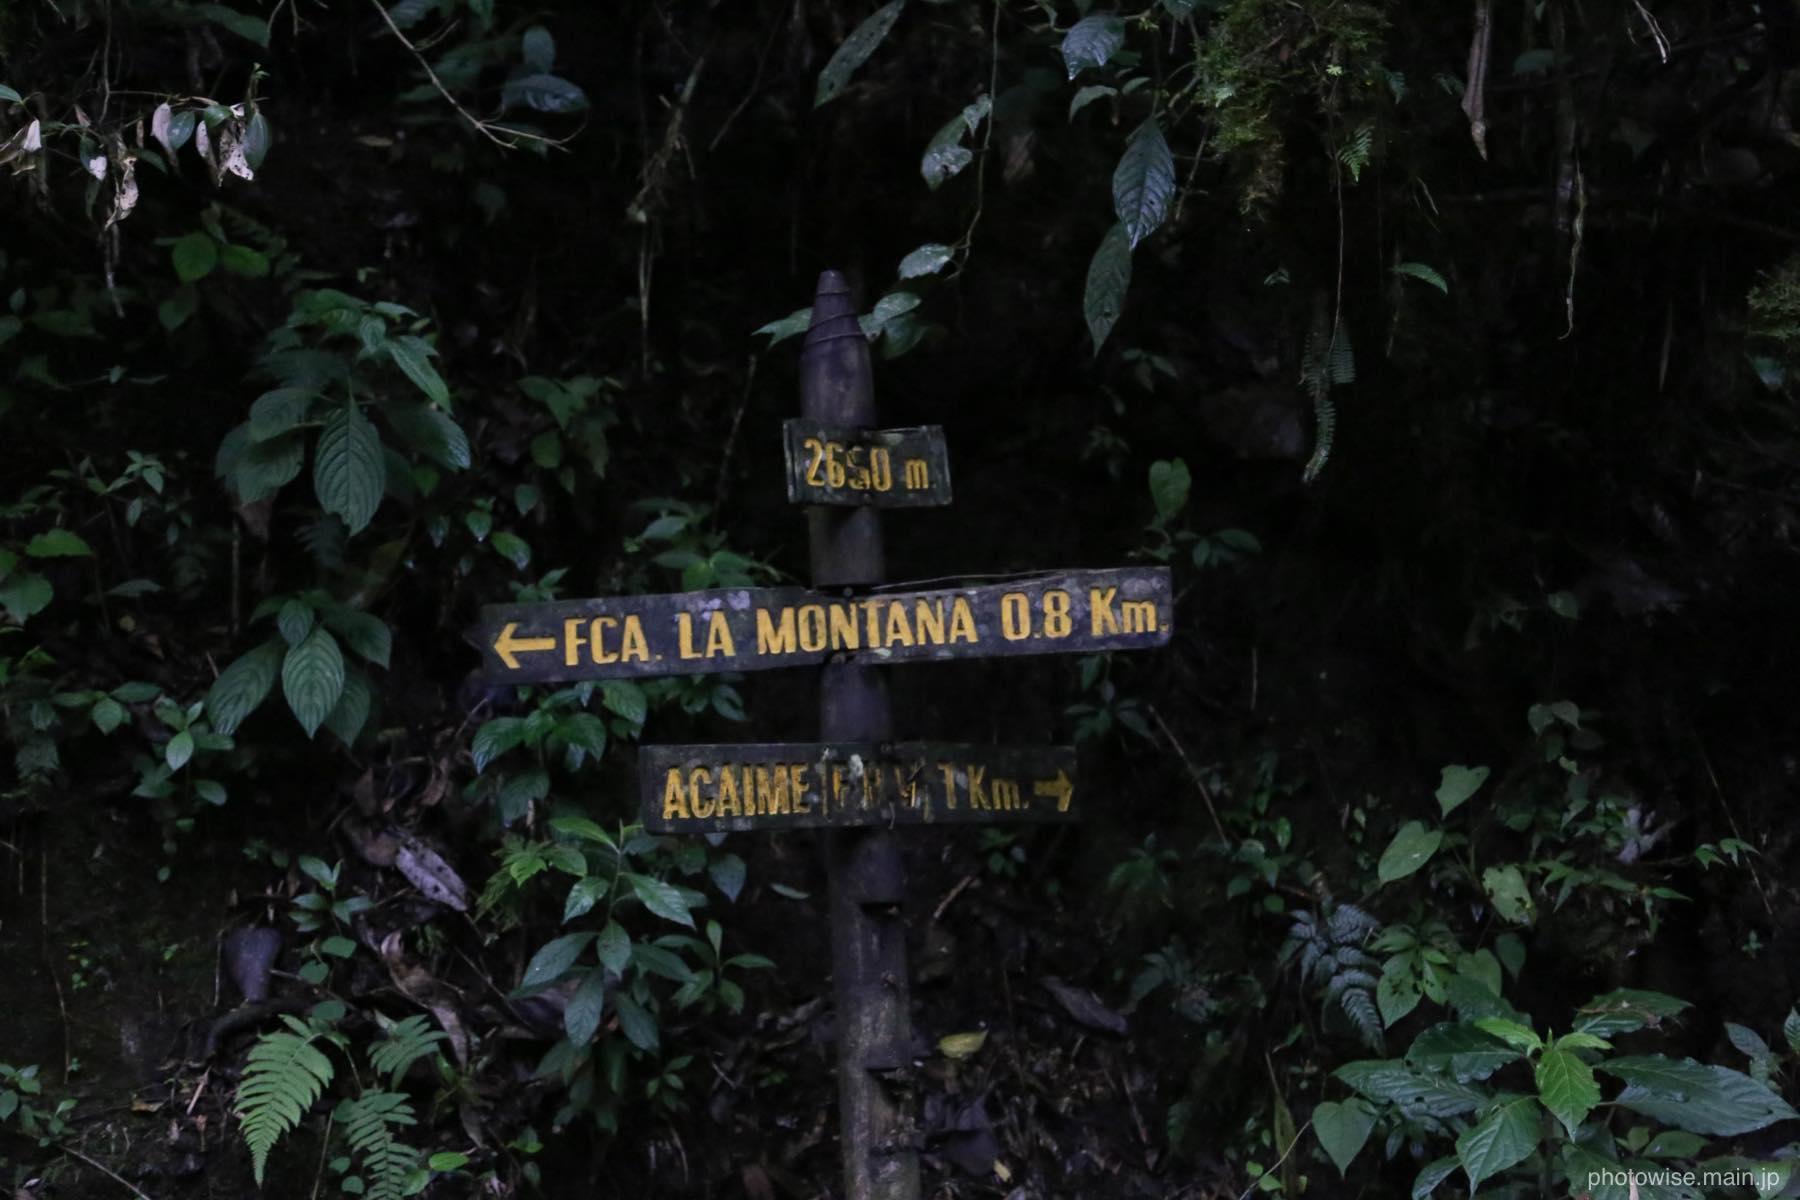 LA MONTAÑAへ